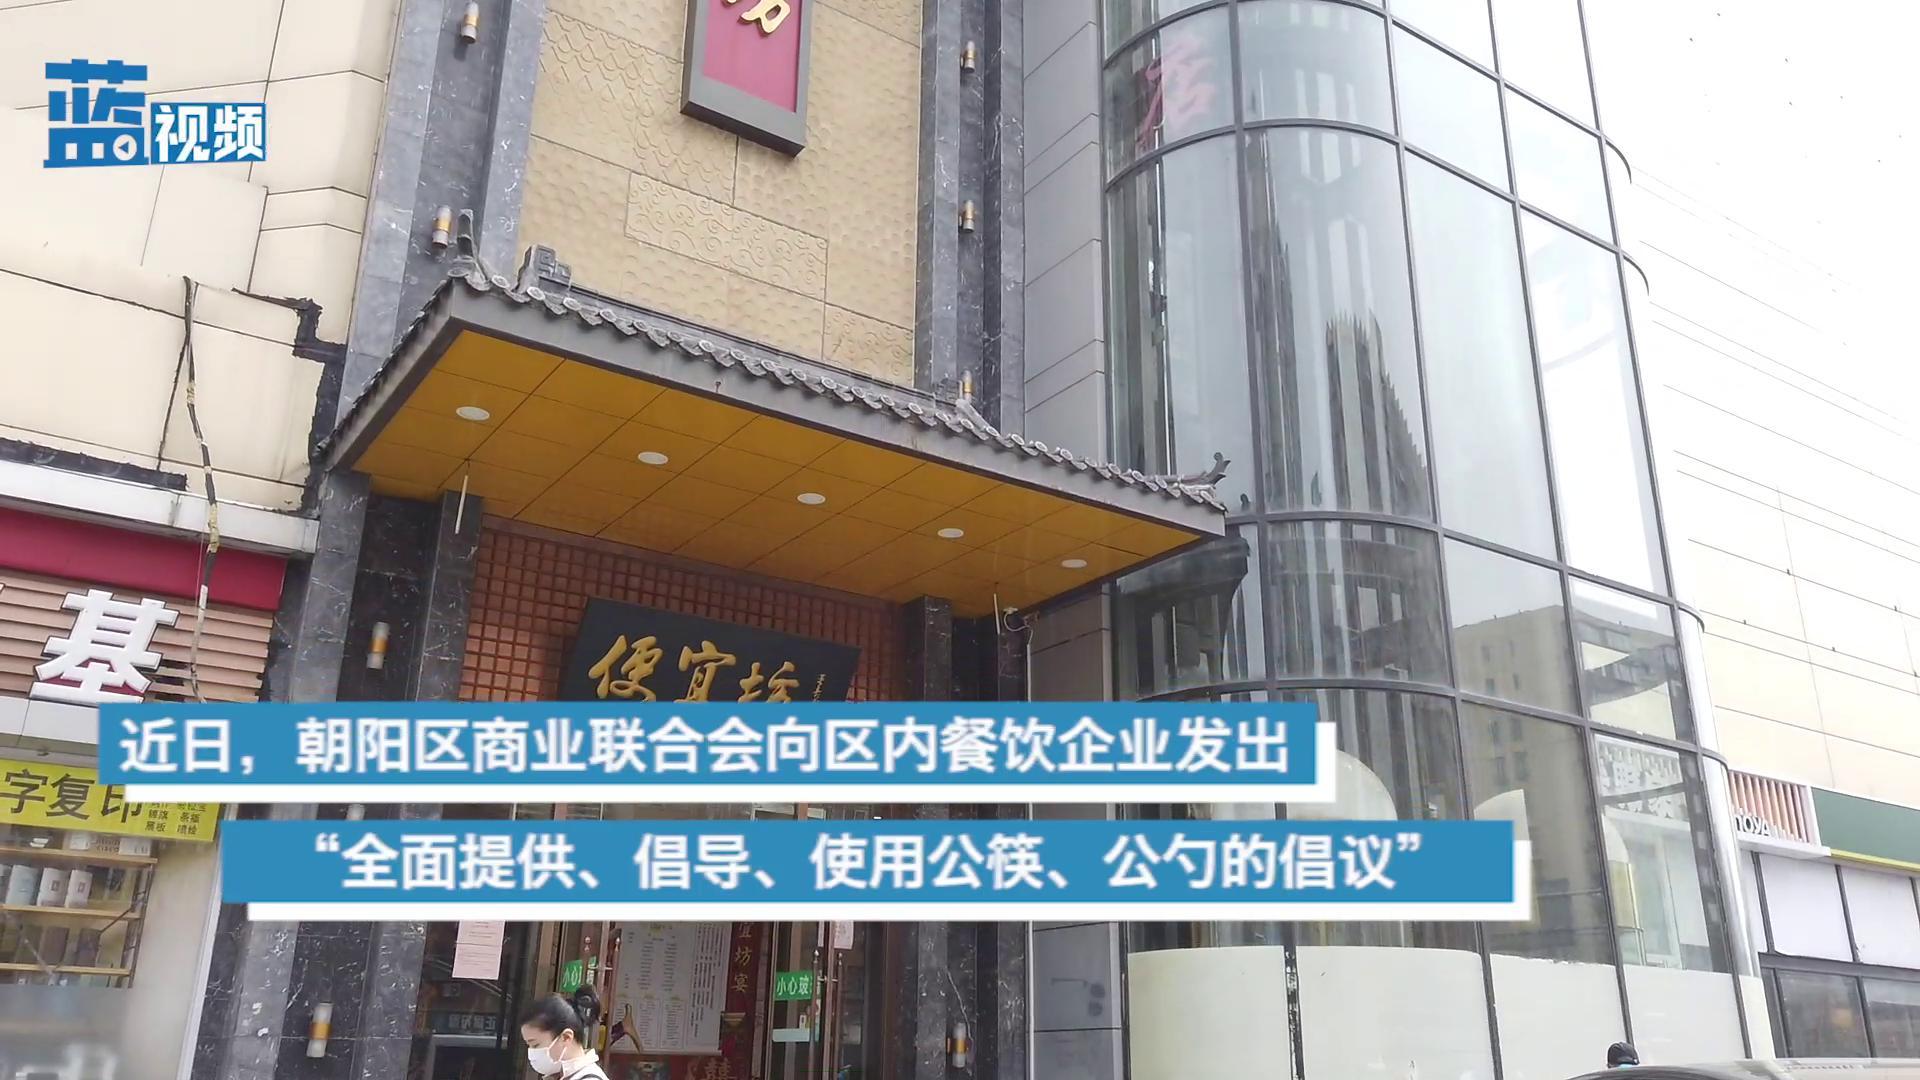 北京公筷公勺行动